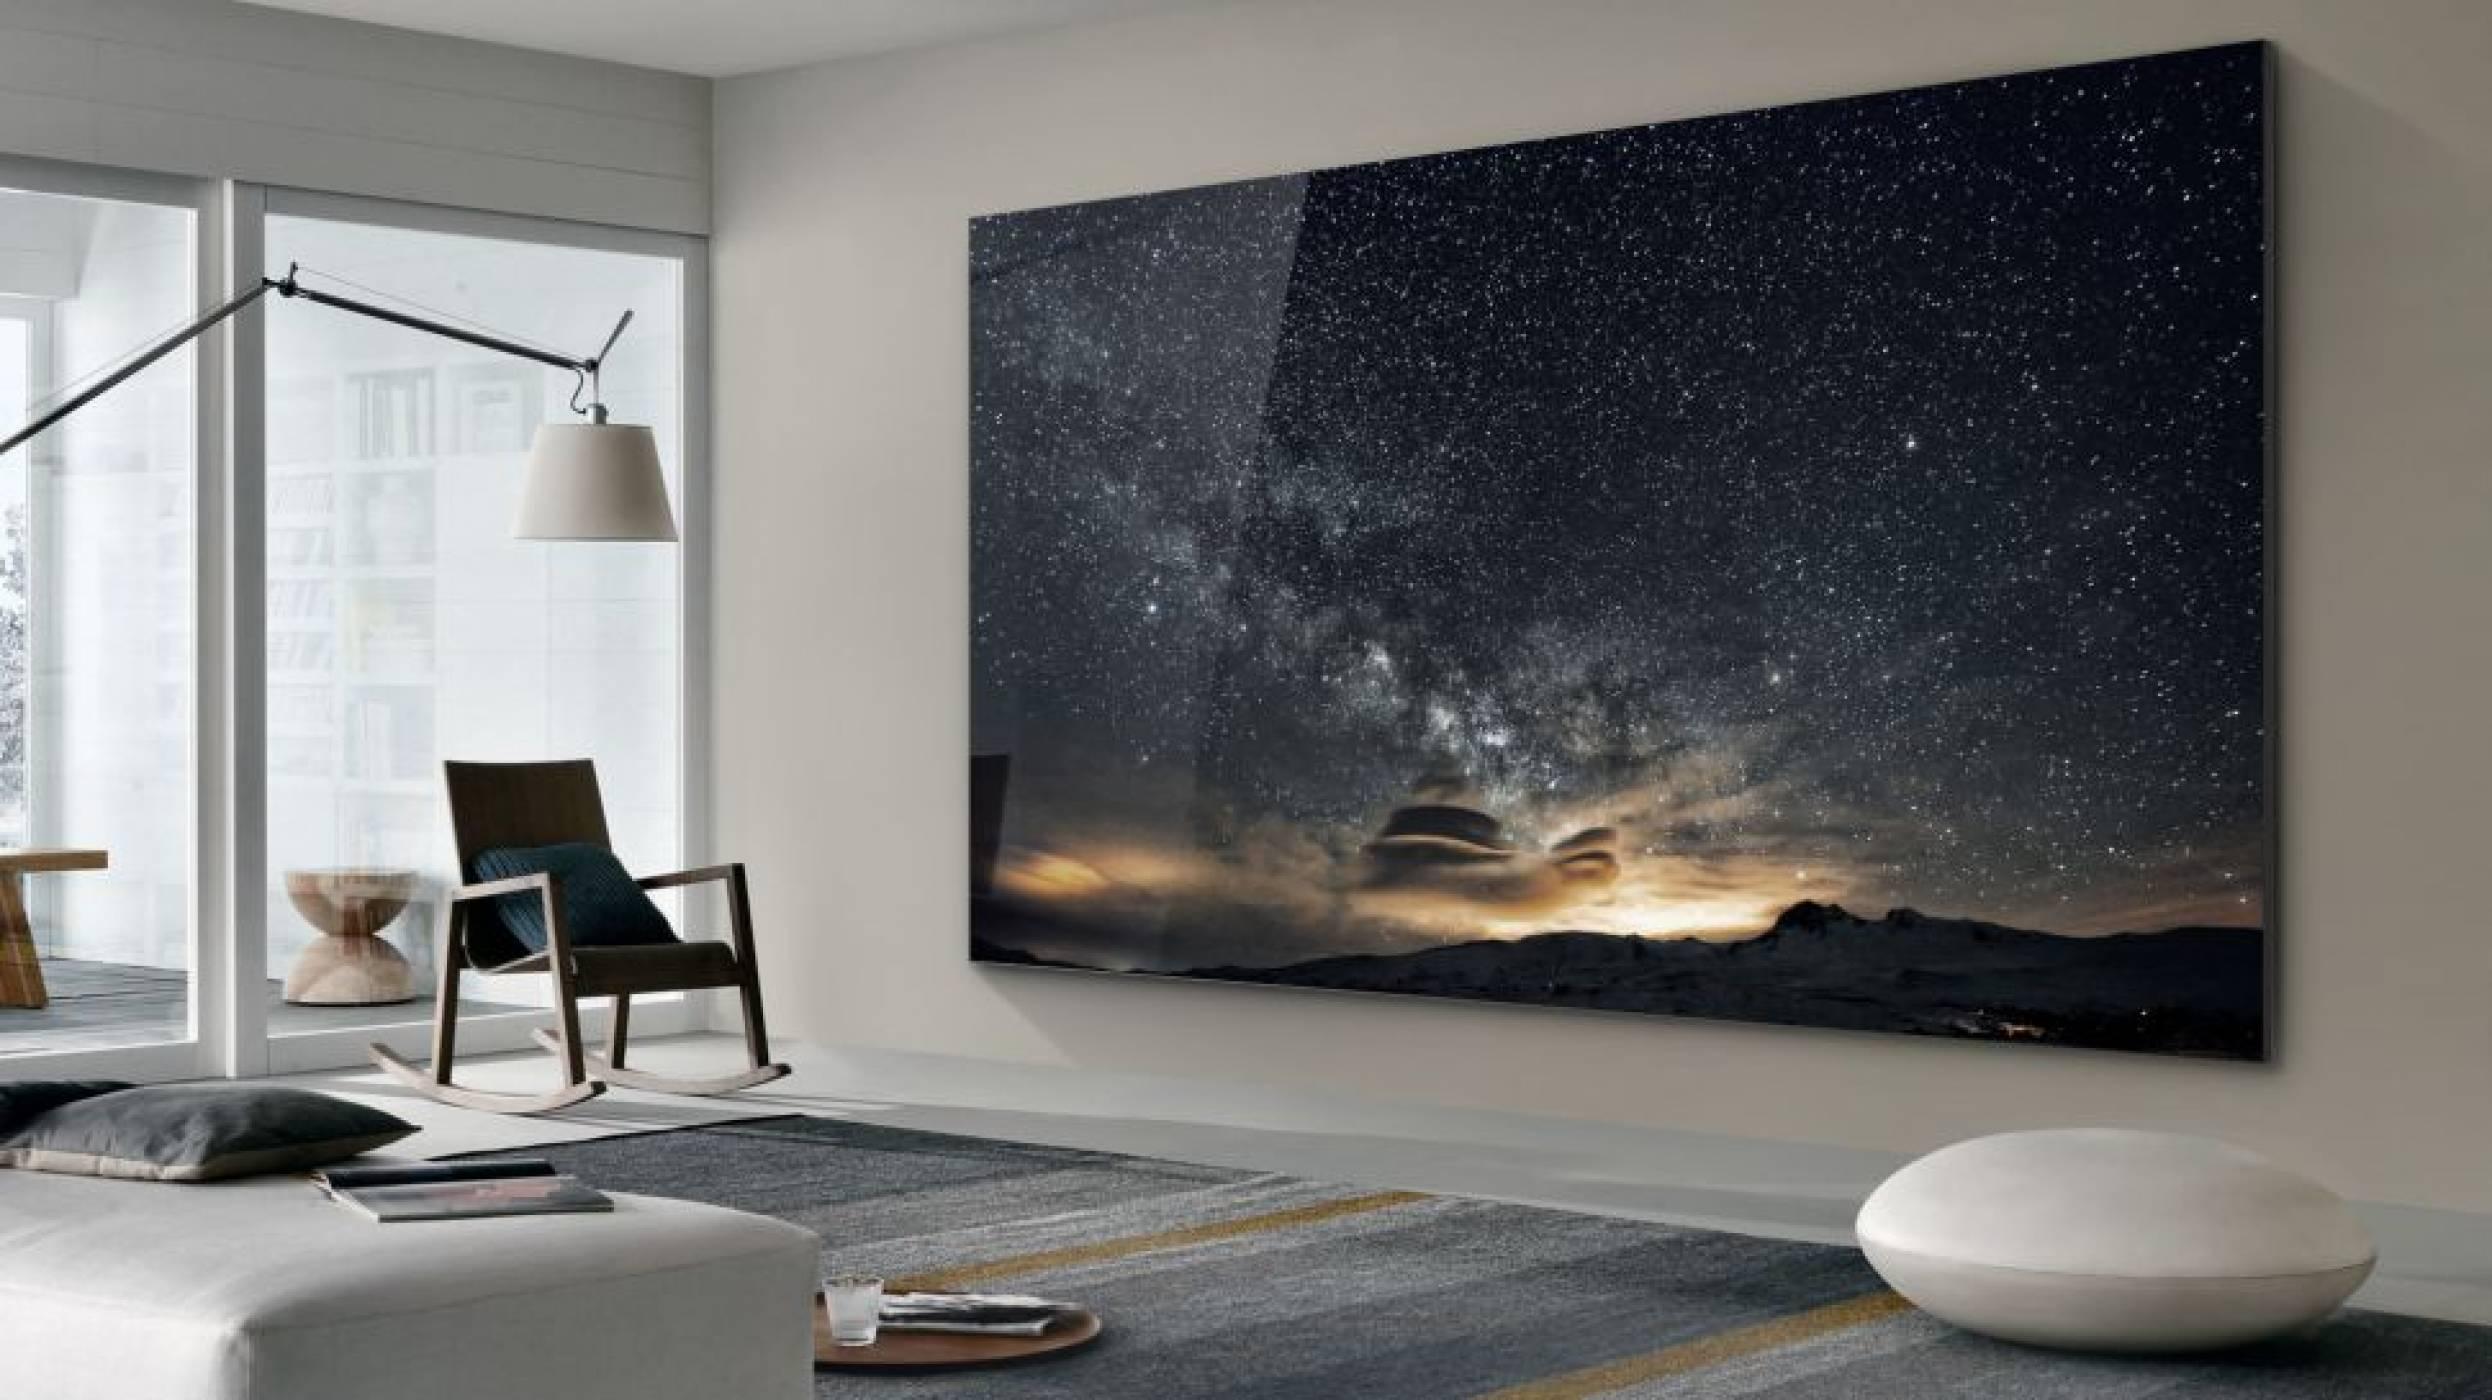 Samsung пренаписва историята с чудовищен 219-инчов телевизор